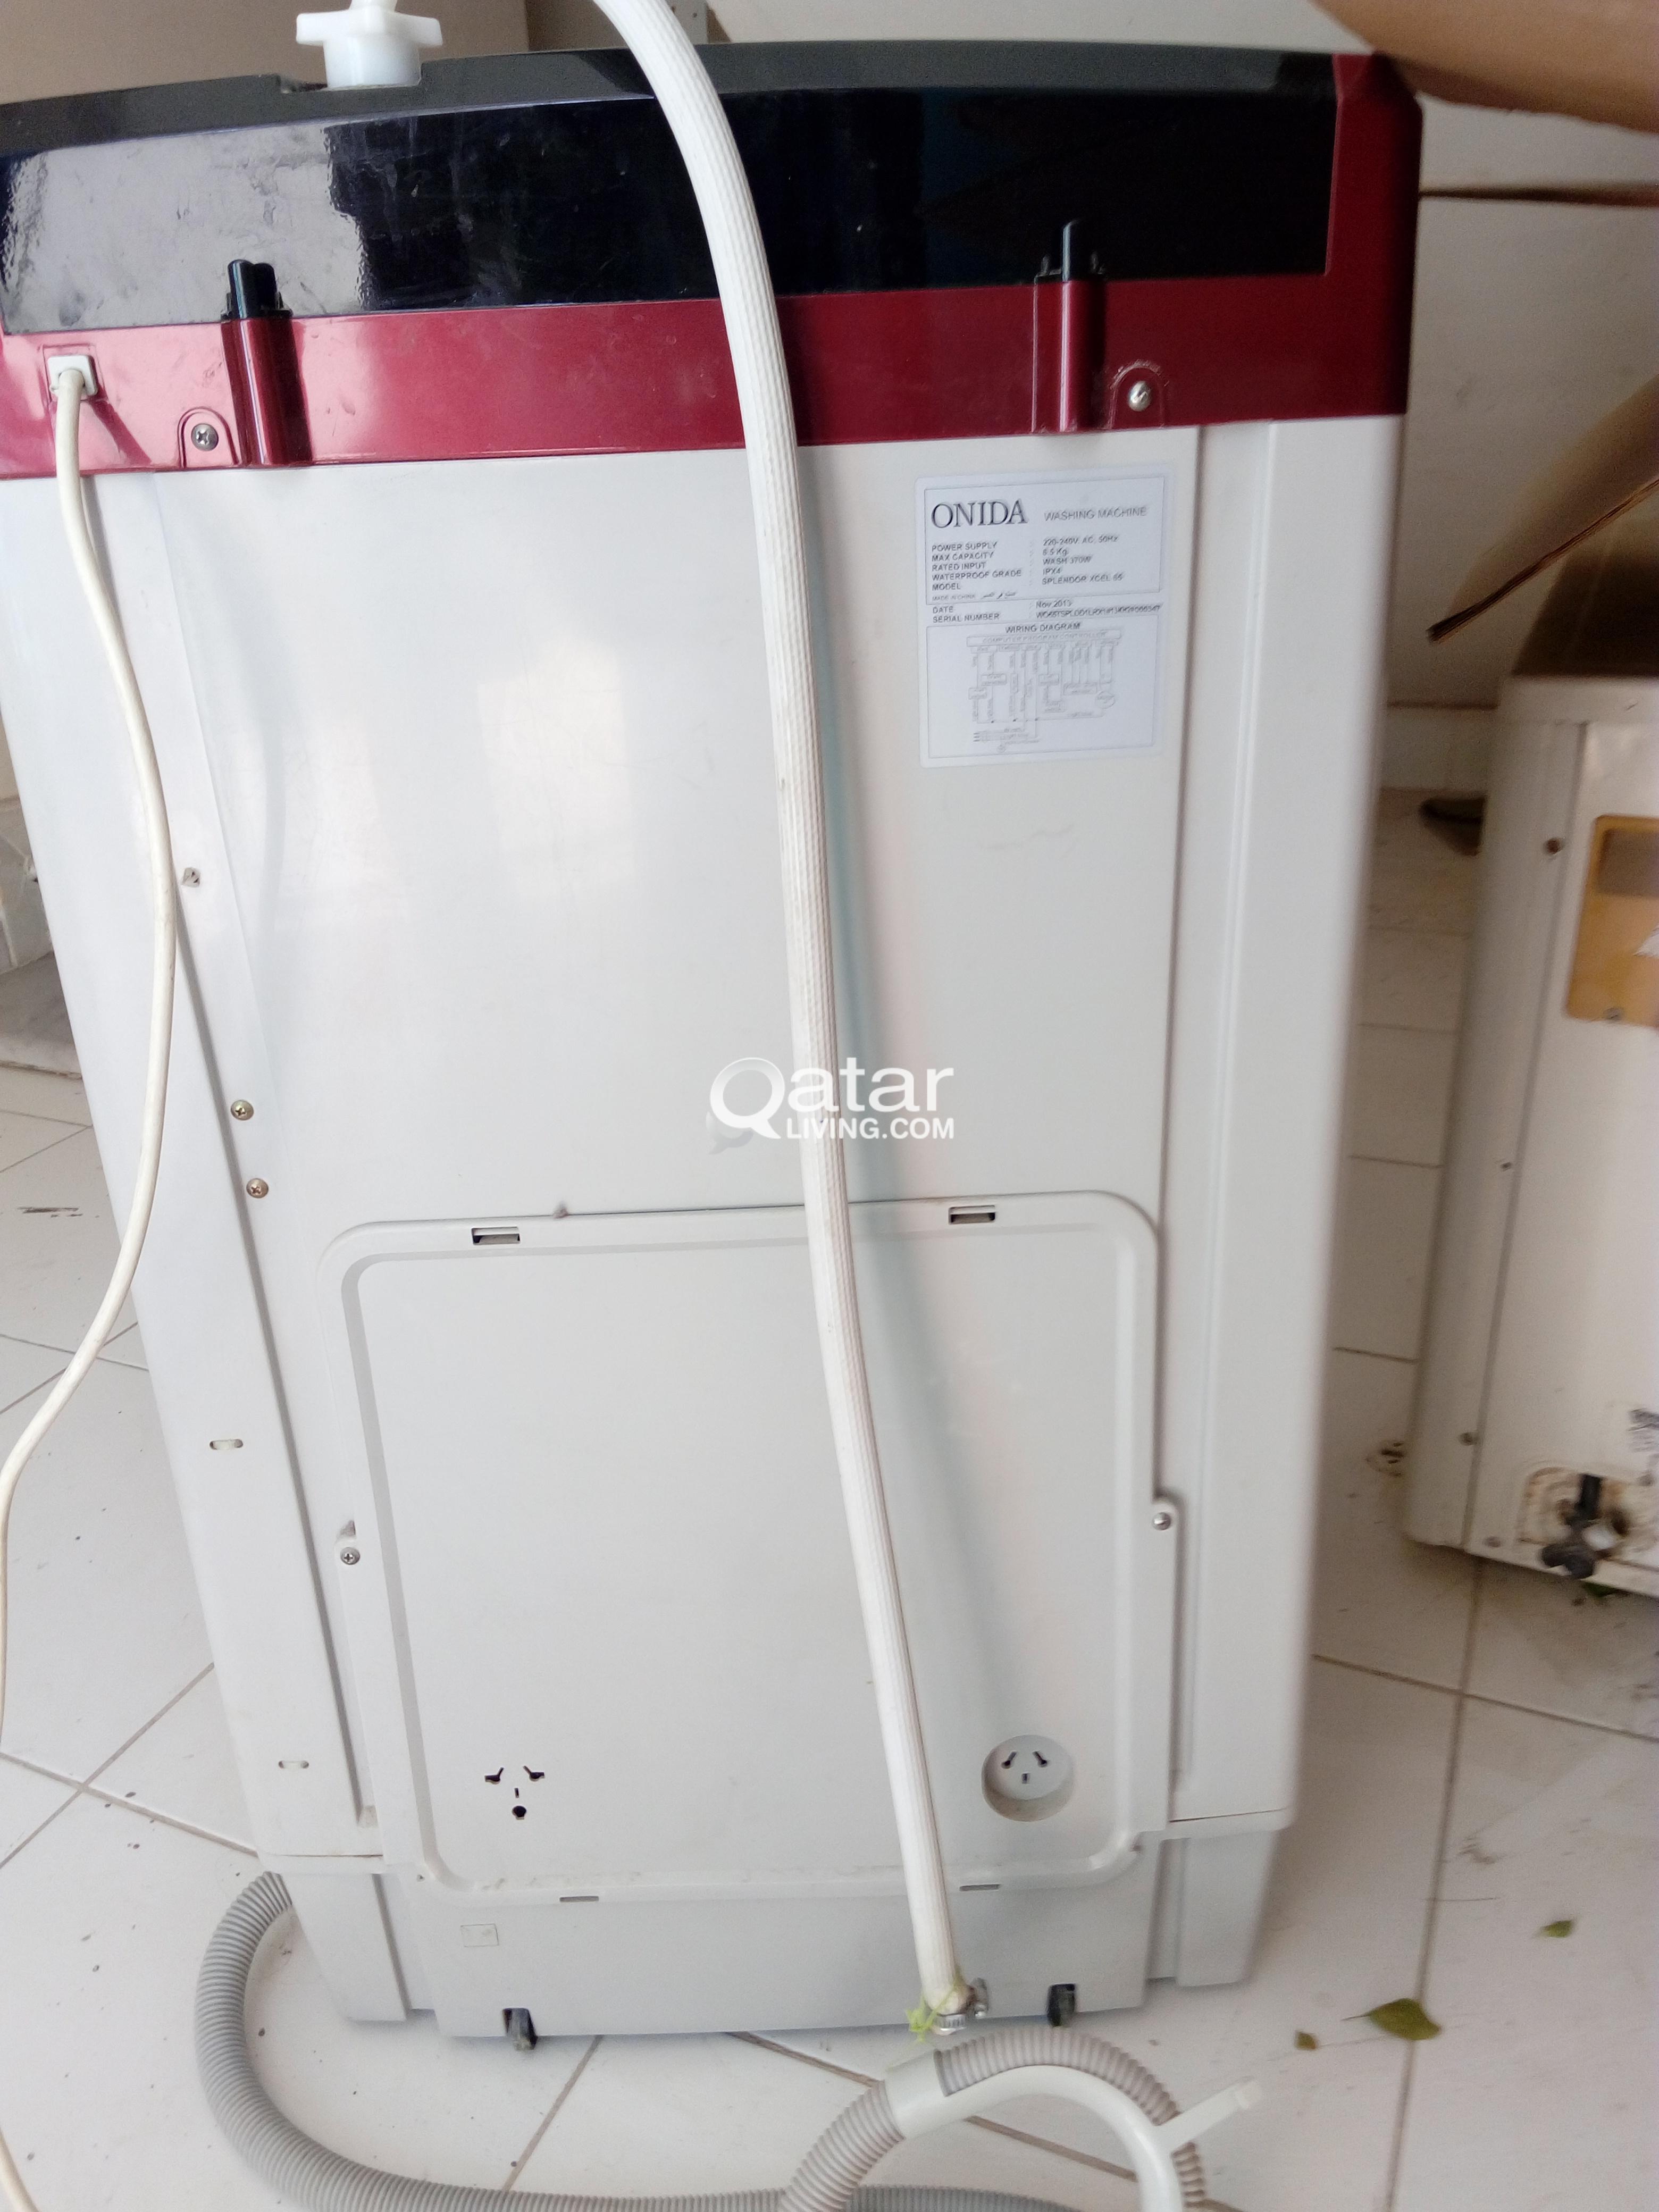 Onida Washing Machine Wiring Diagram Library Olds Aurora Hvac Title Information 65kg Splendor